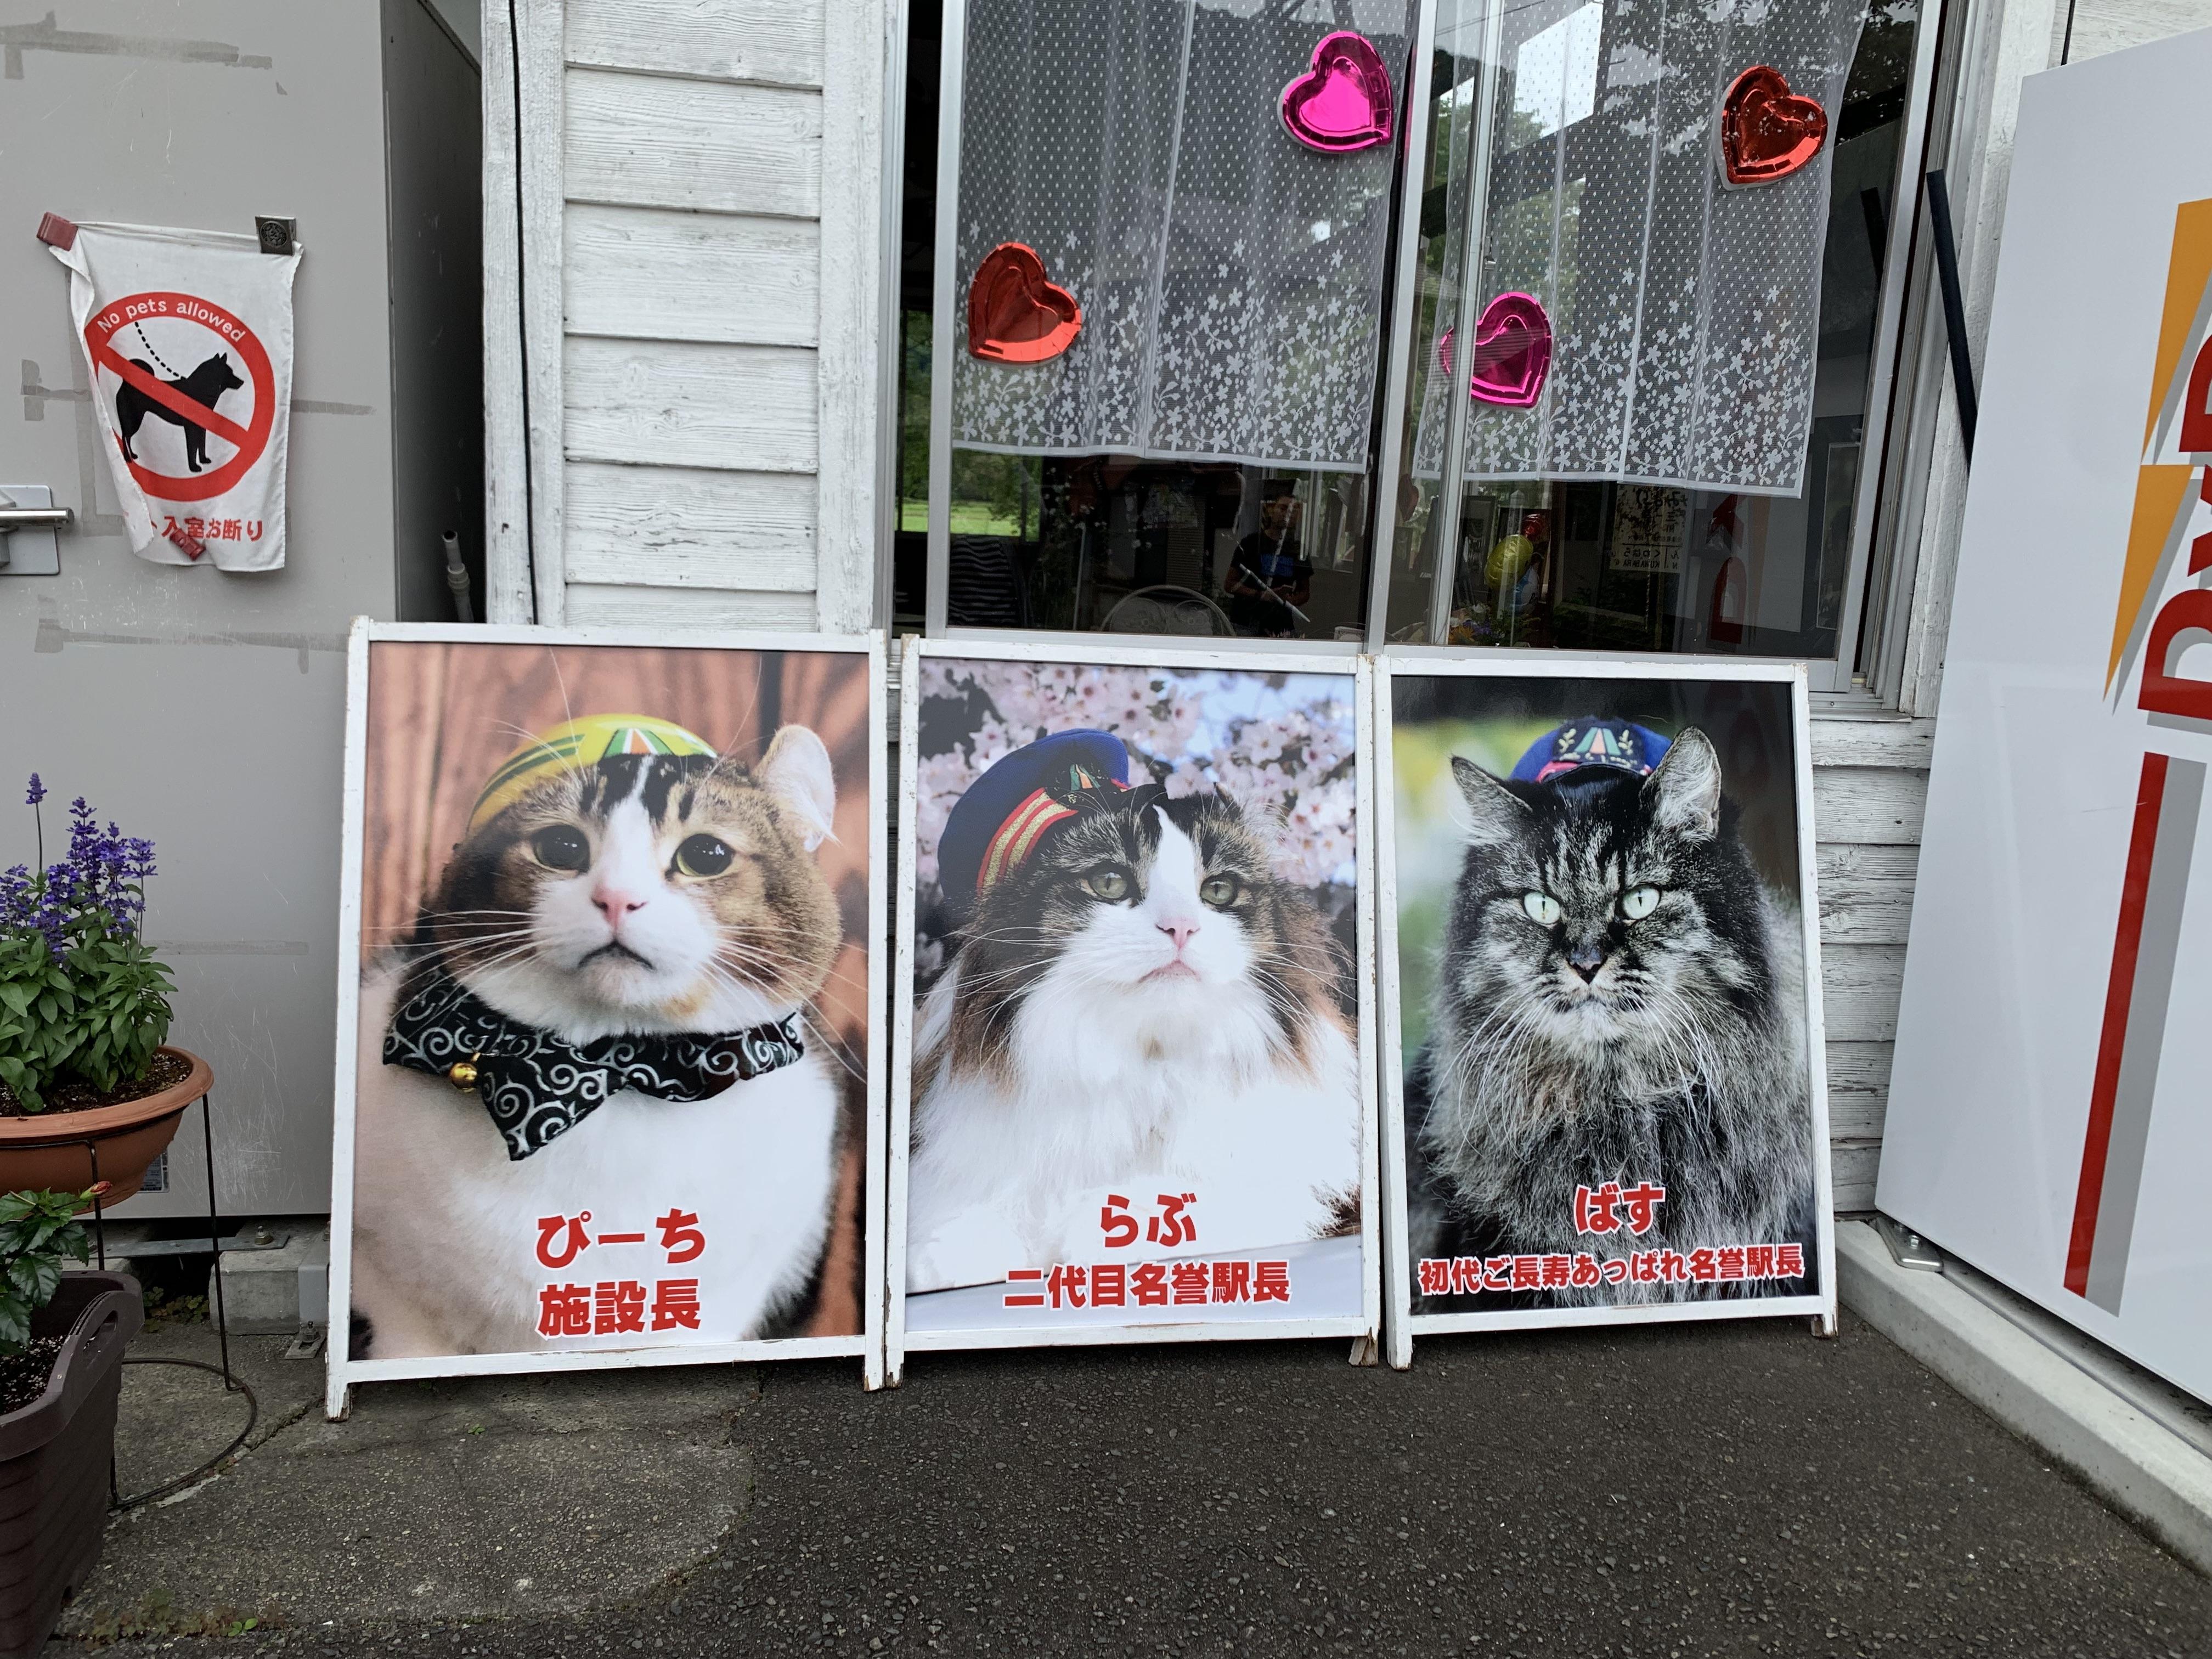 蘆之牧溫泉站的貓站長相當吸睛。